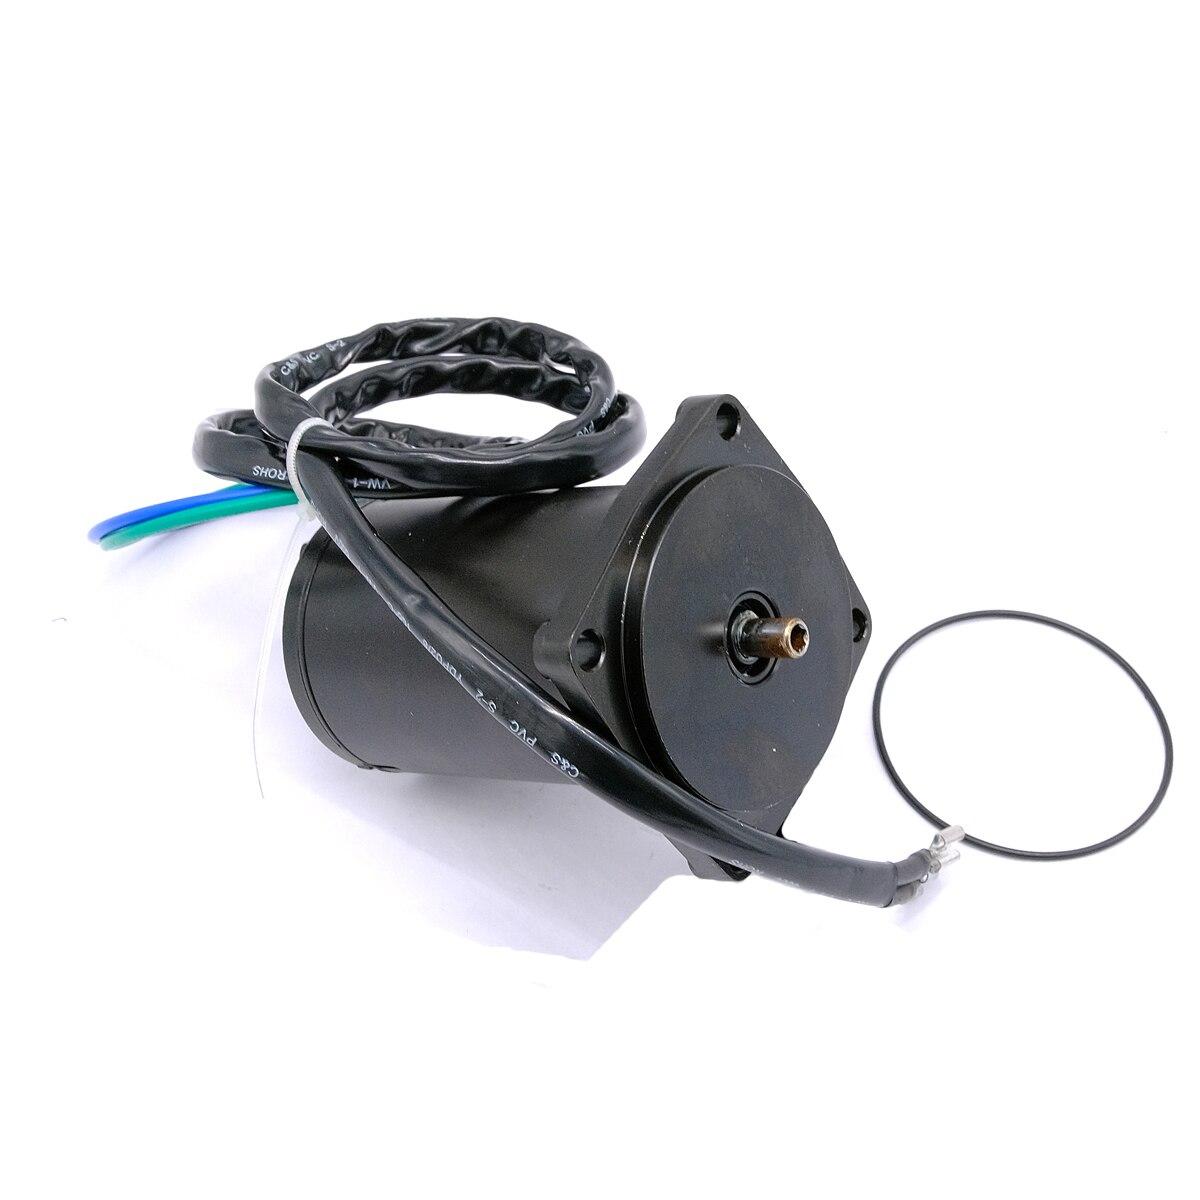 New Tilt Trim Motor For OMC EVINRUDE/JOHNSON 435532 437801 36120-ZV5-821 40-48-50HP